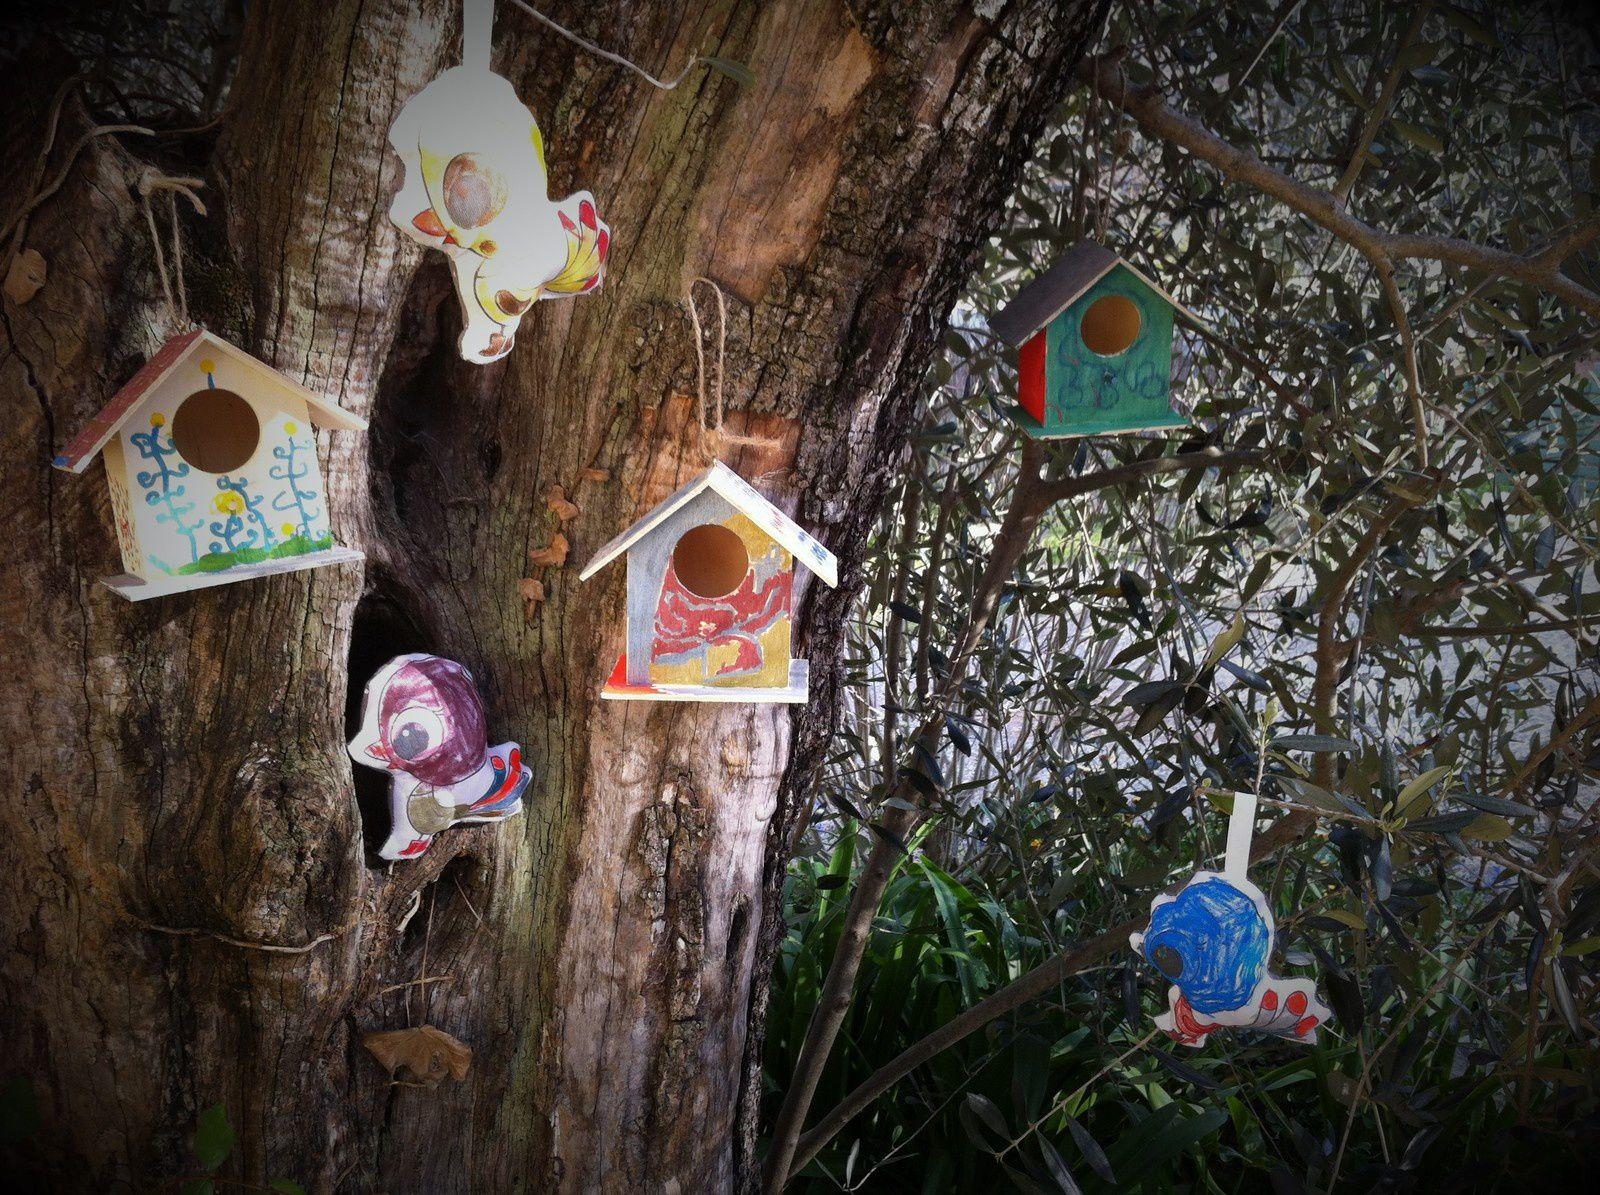 Atelier du mercredi : bientôt le printemps nichoirs et oiseaux